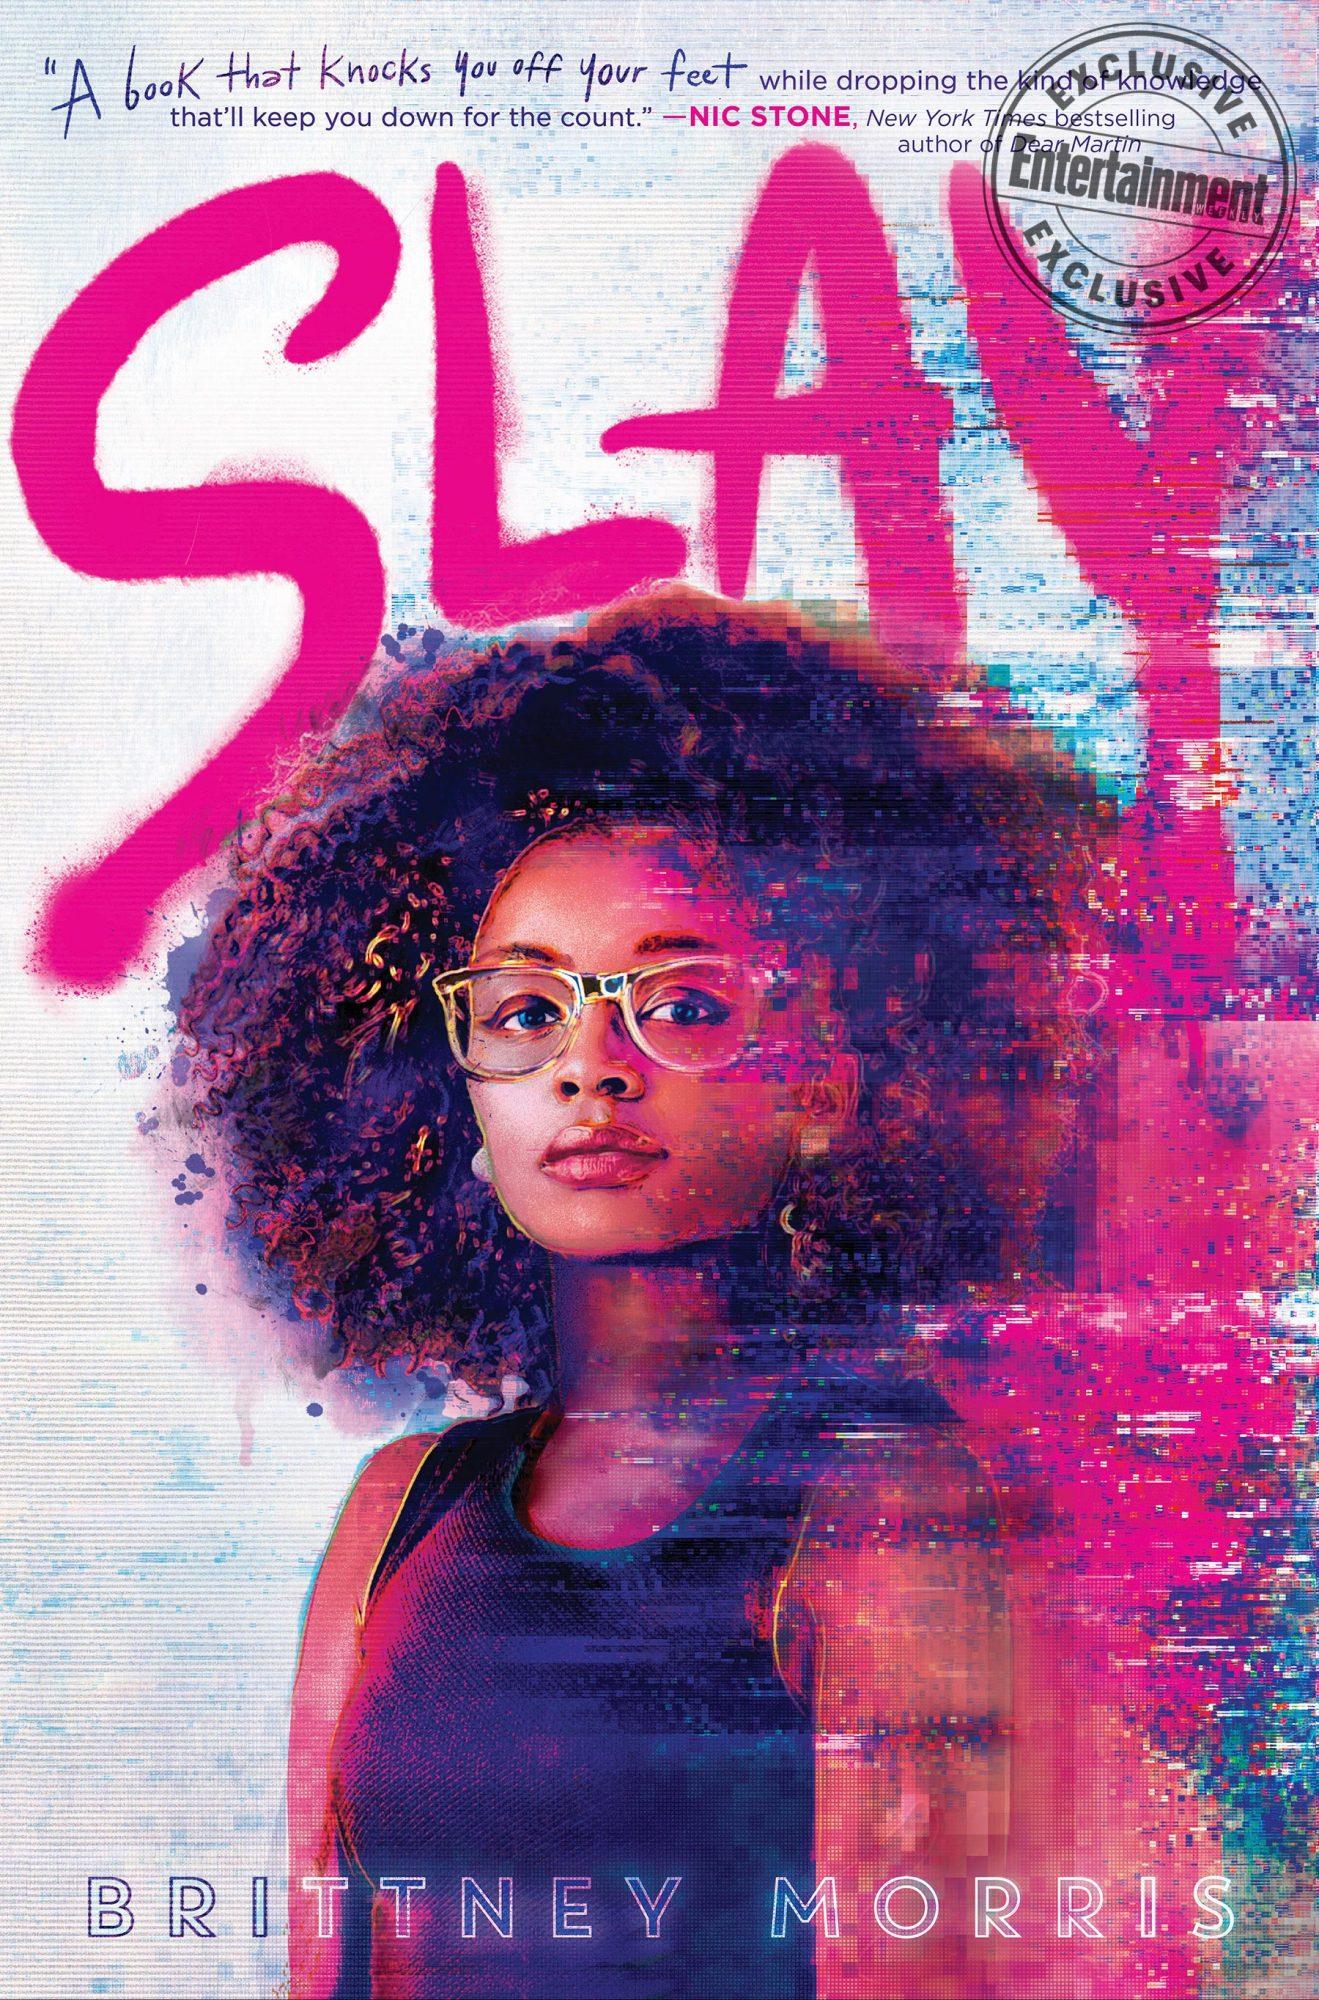 Slay by Brittney Morris CR: Simon & Schuster Children's Publishing